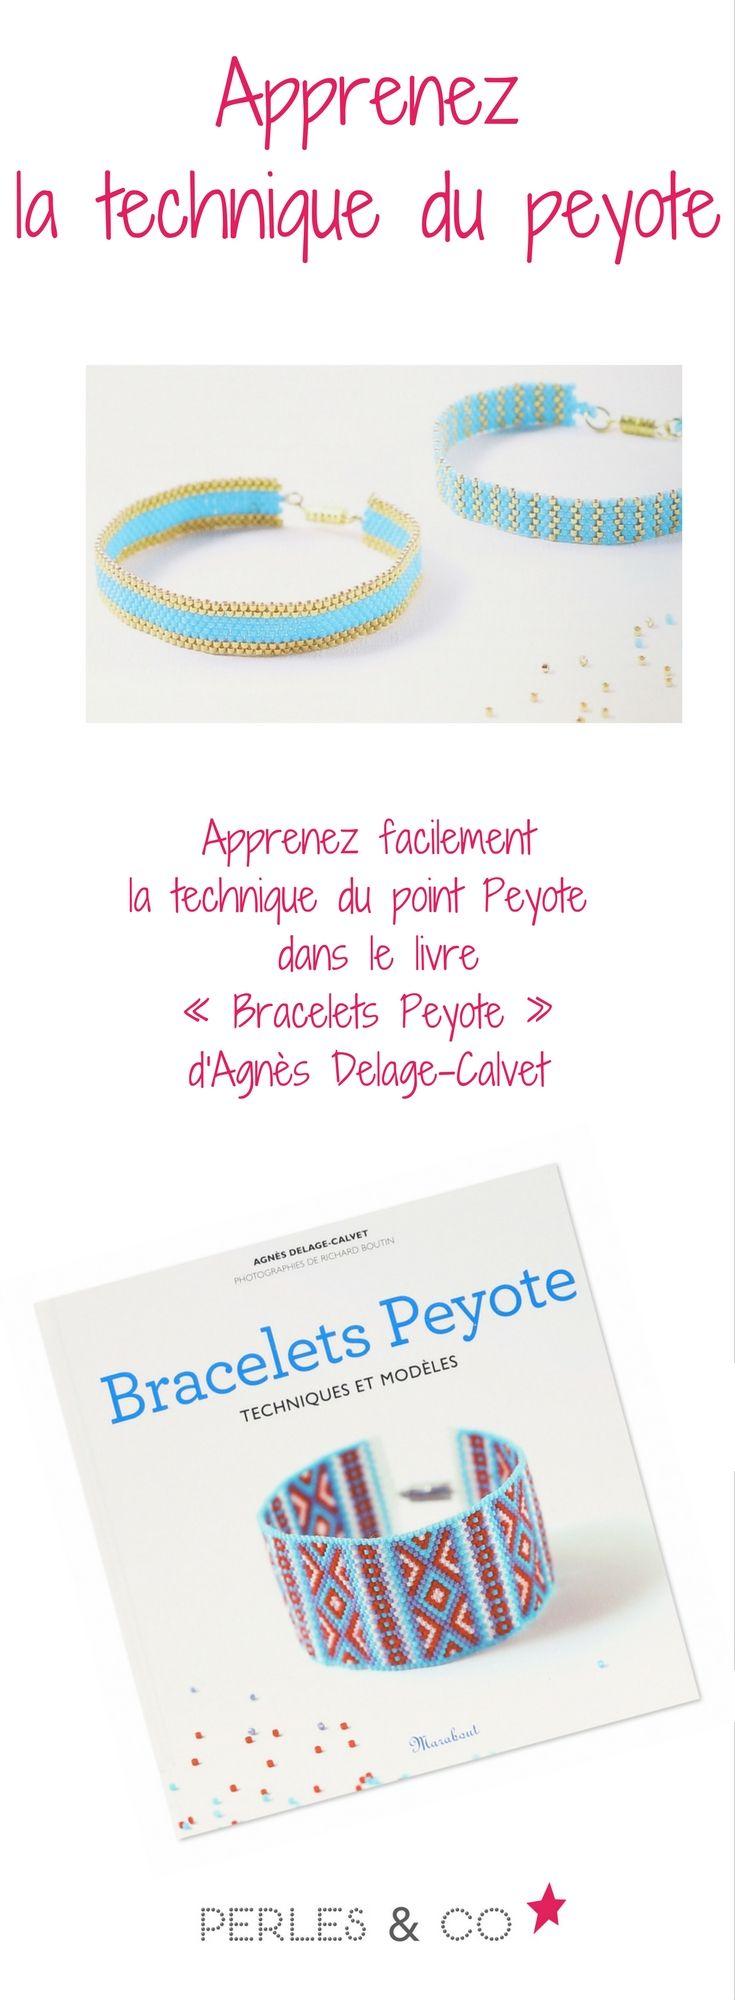 Vous révez de réaliser de jolies manchettes en perles? Voici un livre pour vous apprendre facilement la technique du point peyote. Retrouvez le sur le site de Perles & Co >> https://www.perlesandco.com/Bracelets_Peyote___Techniques_et_modeles-p-82347.html